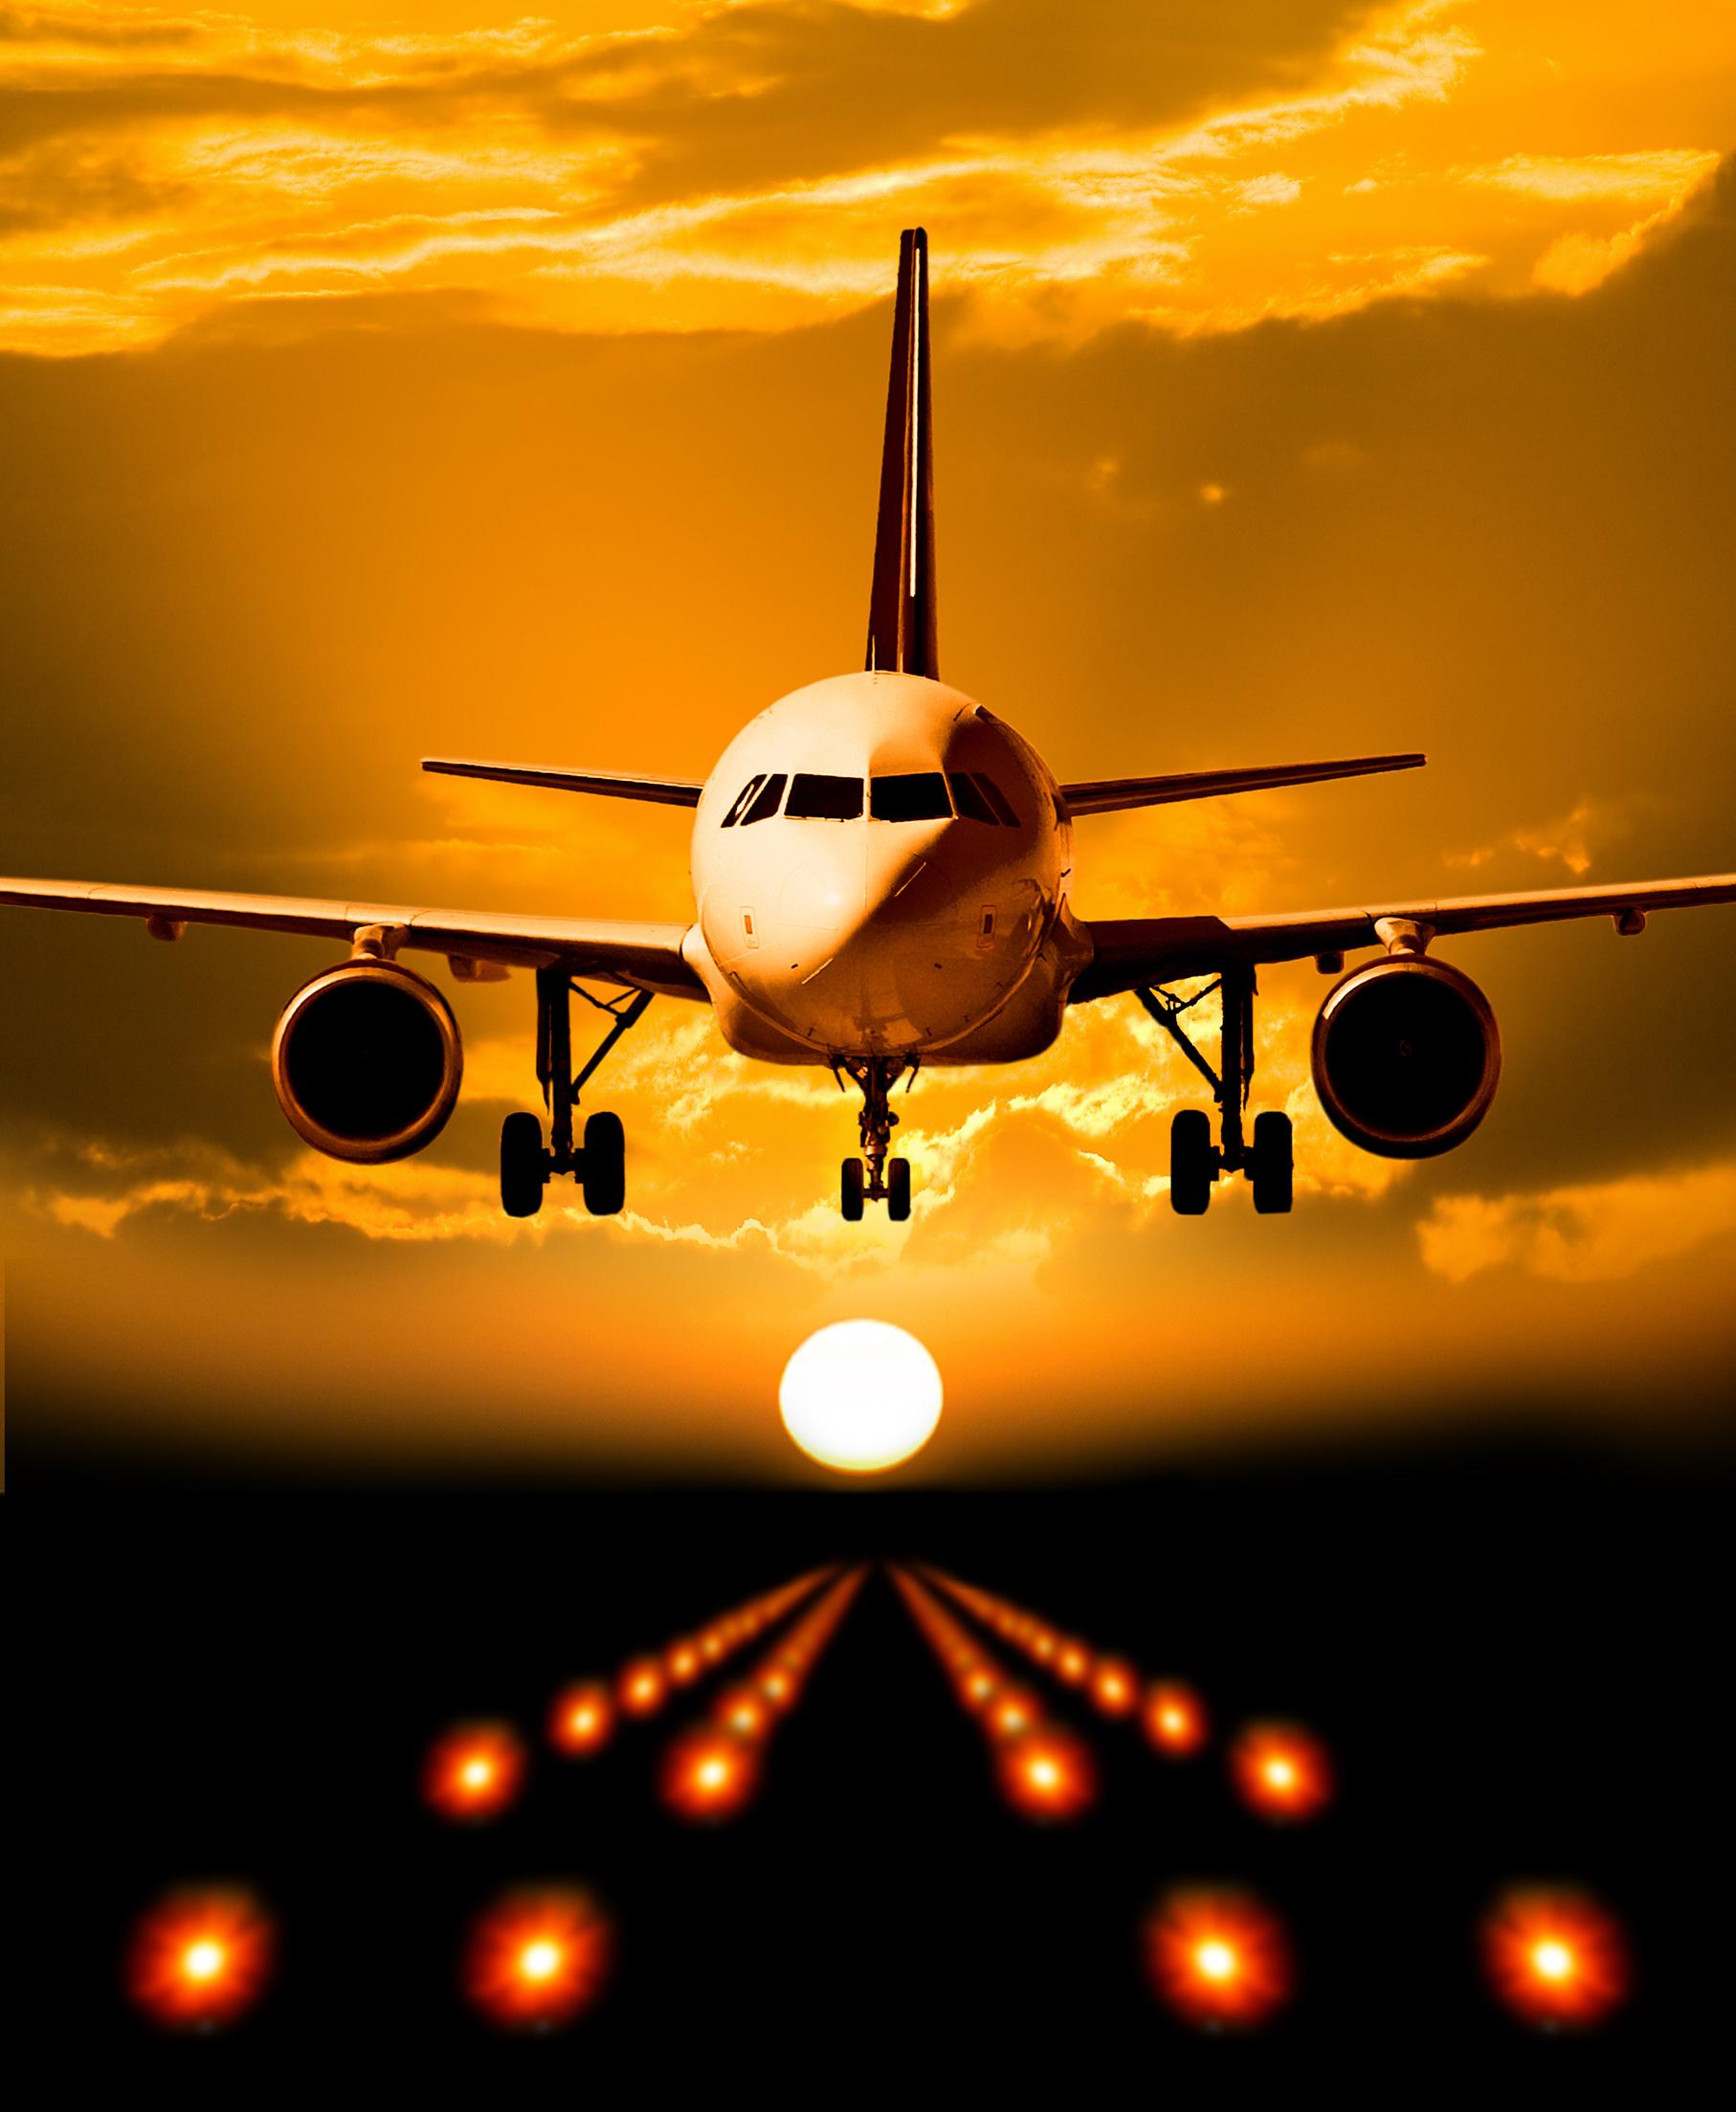 Airplane orange landing